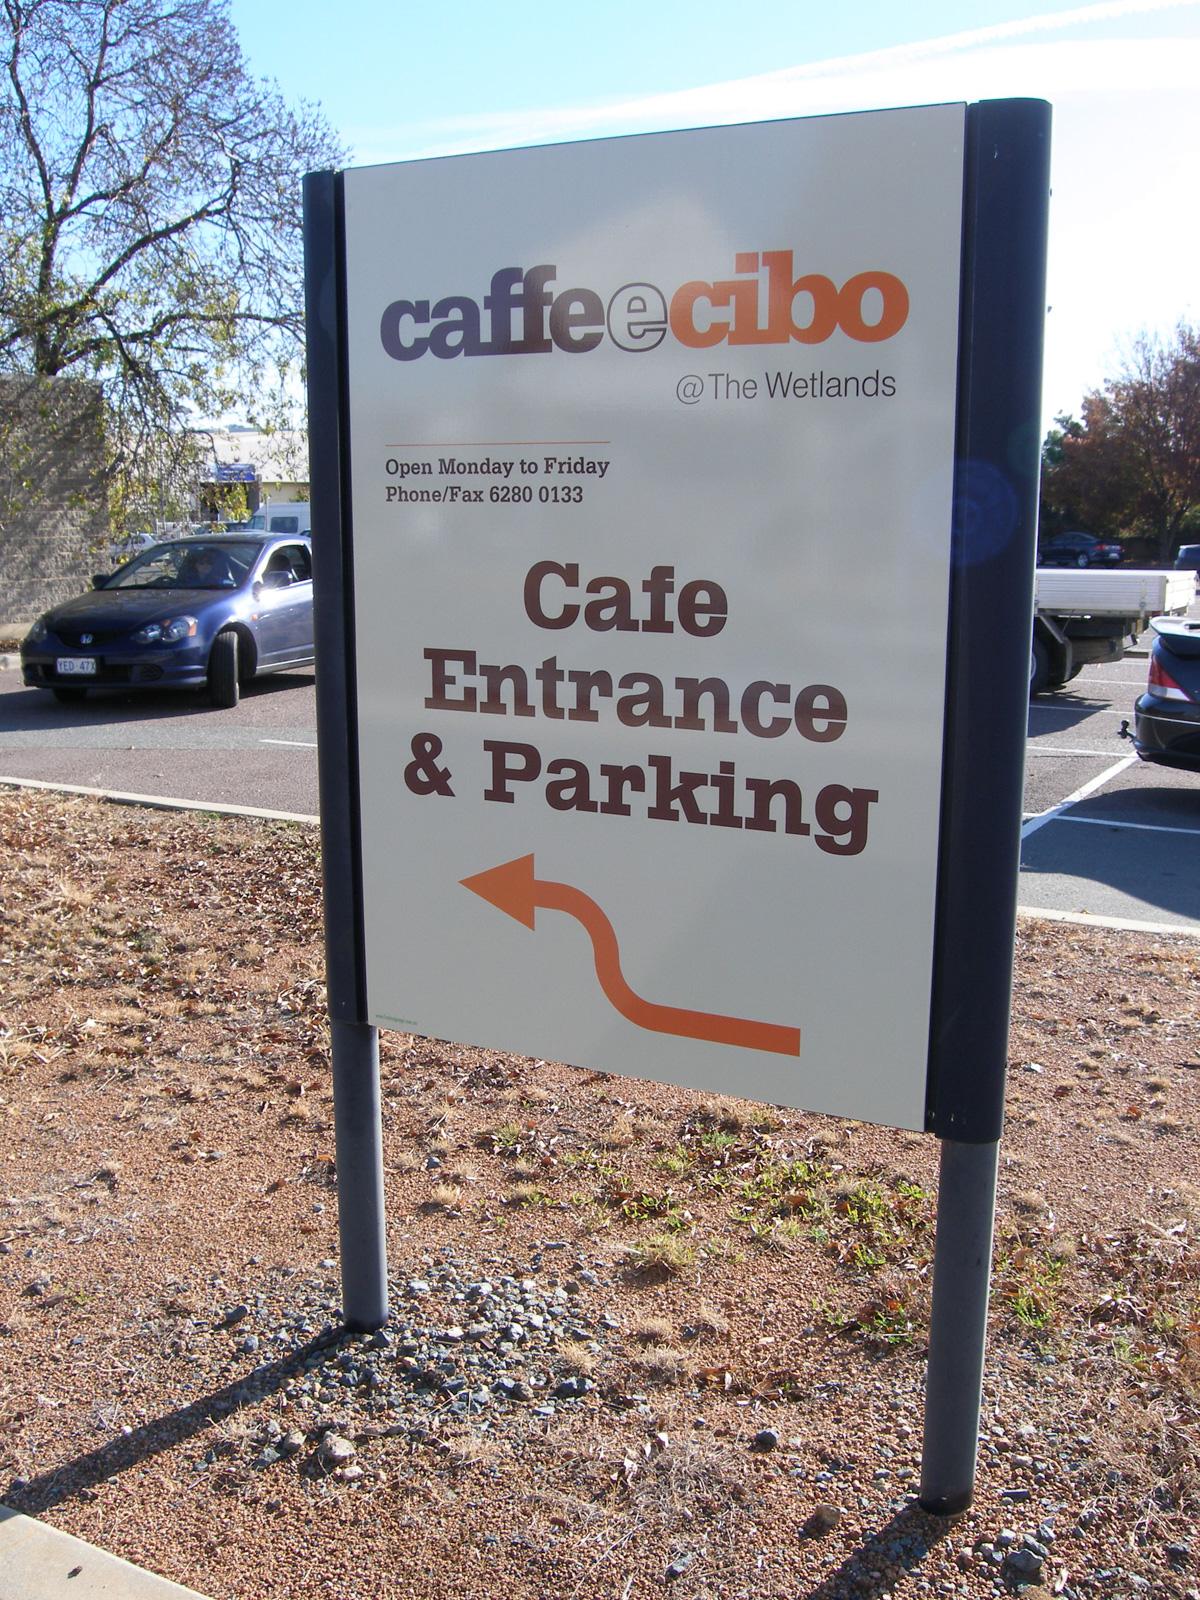 Caffe e Cibo Signs-In